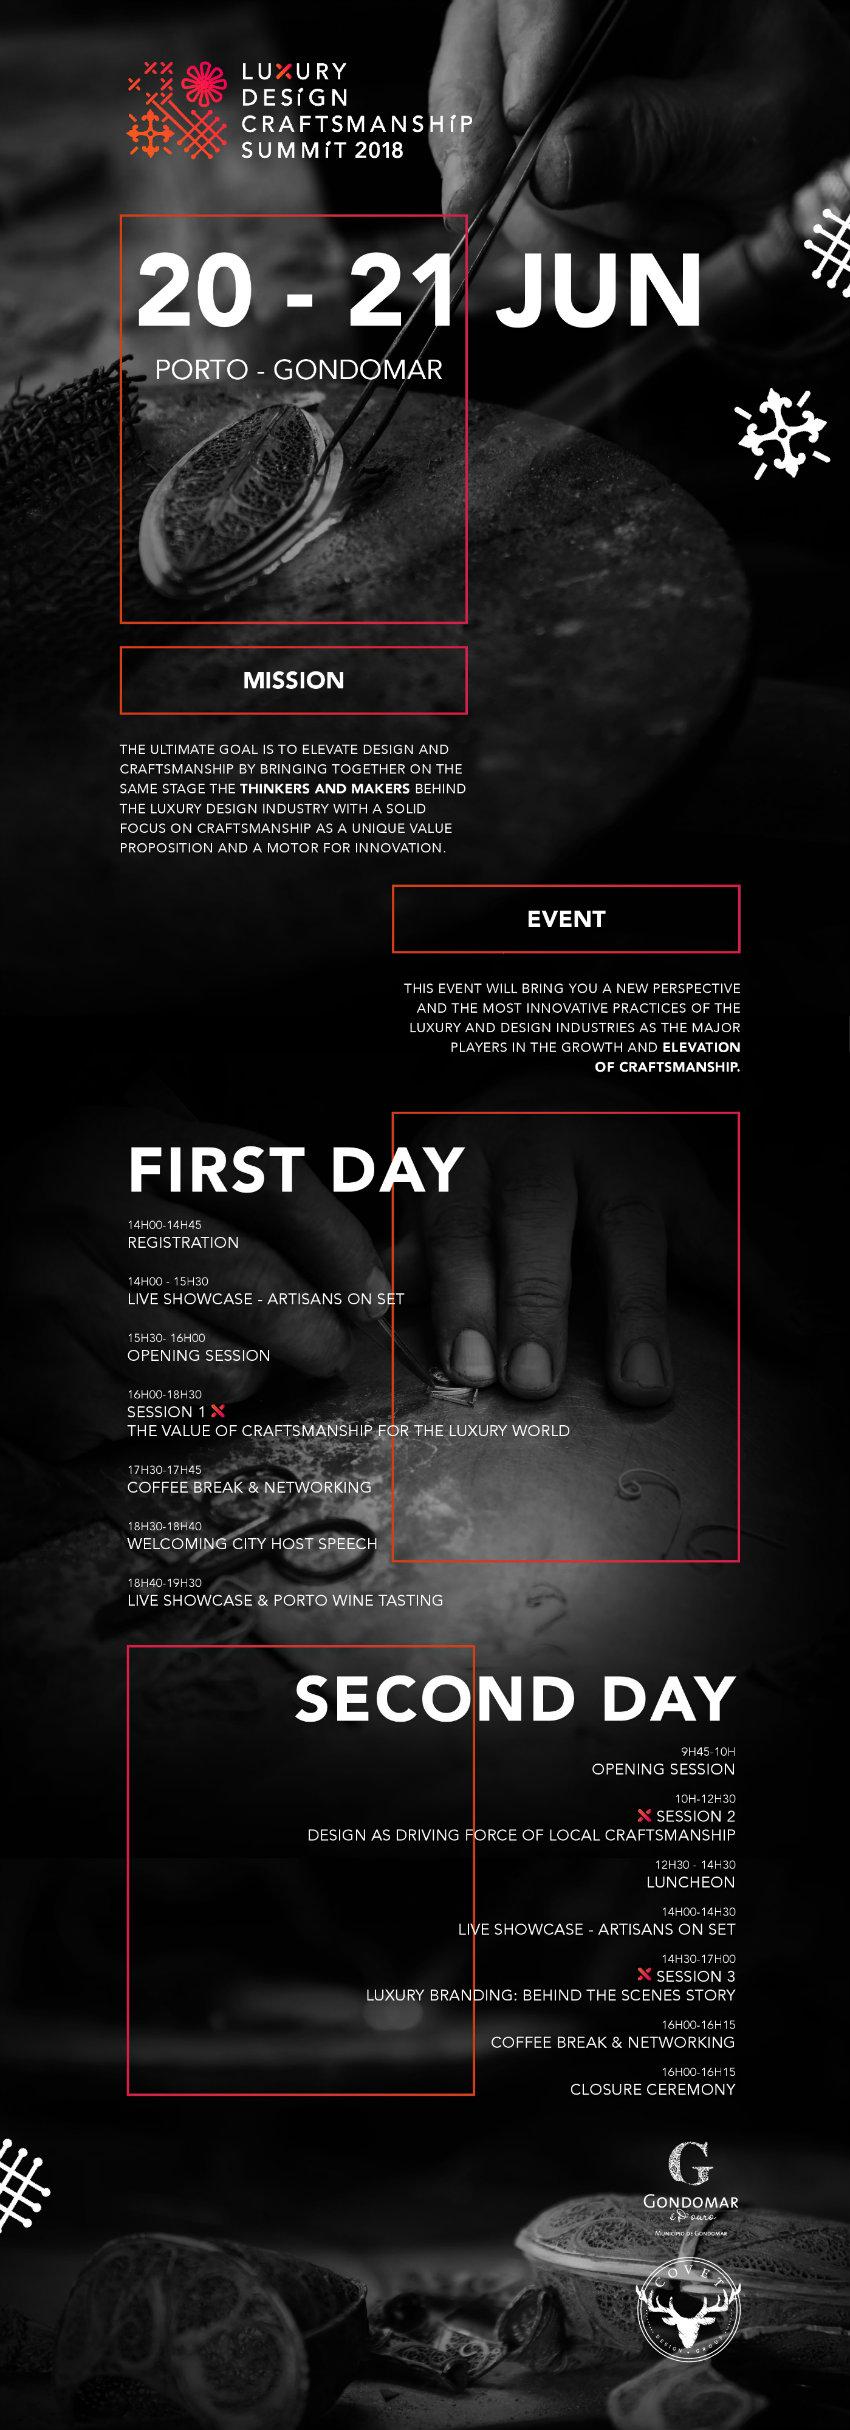 summit The Luxury Design & Craftsmanship Summit 001 summit infographic 001